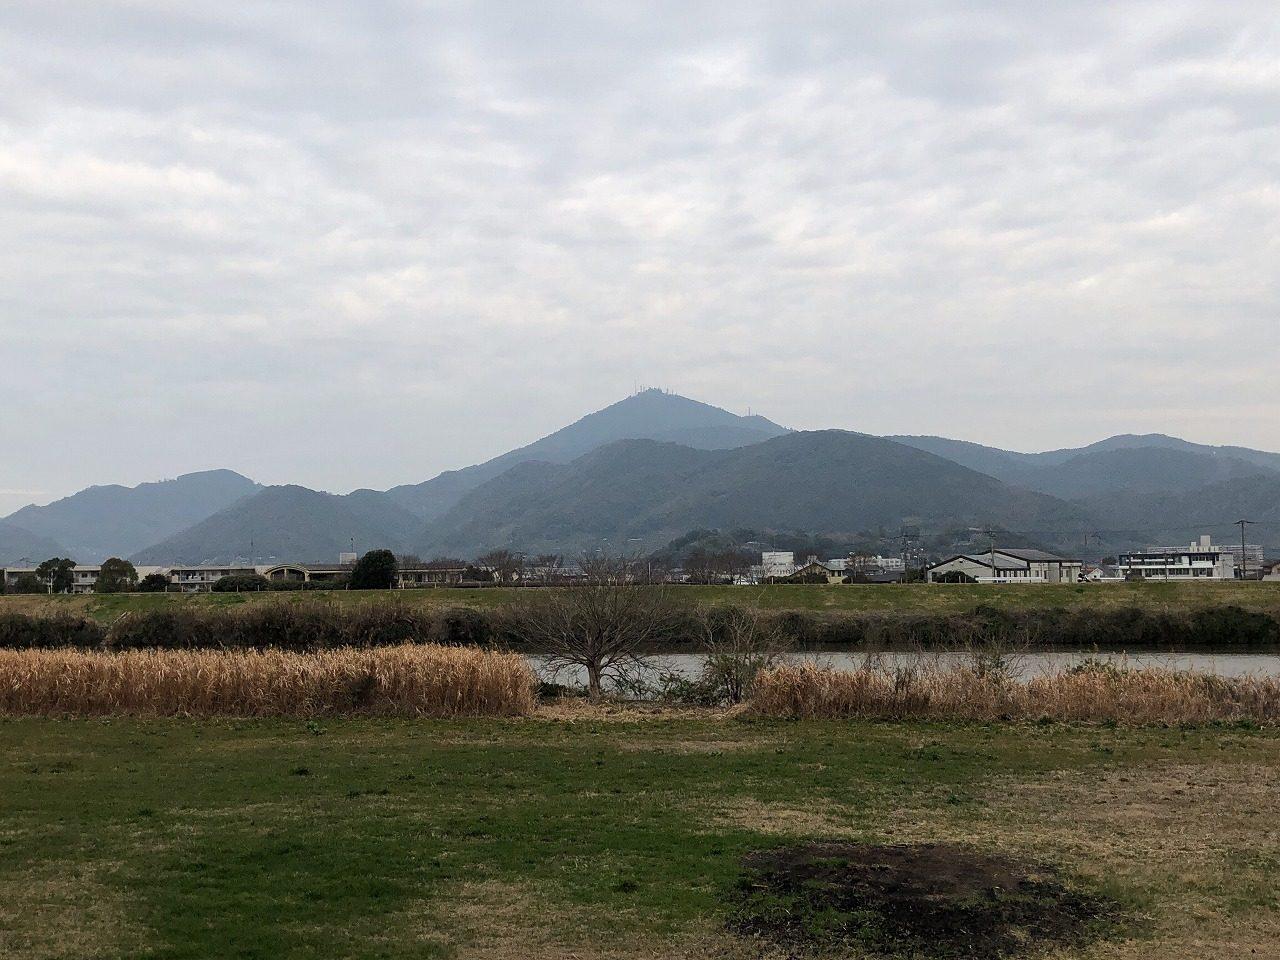 2019.2.21今朝の金峰山です